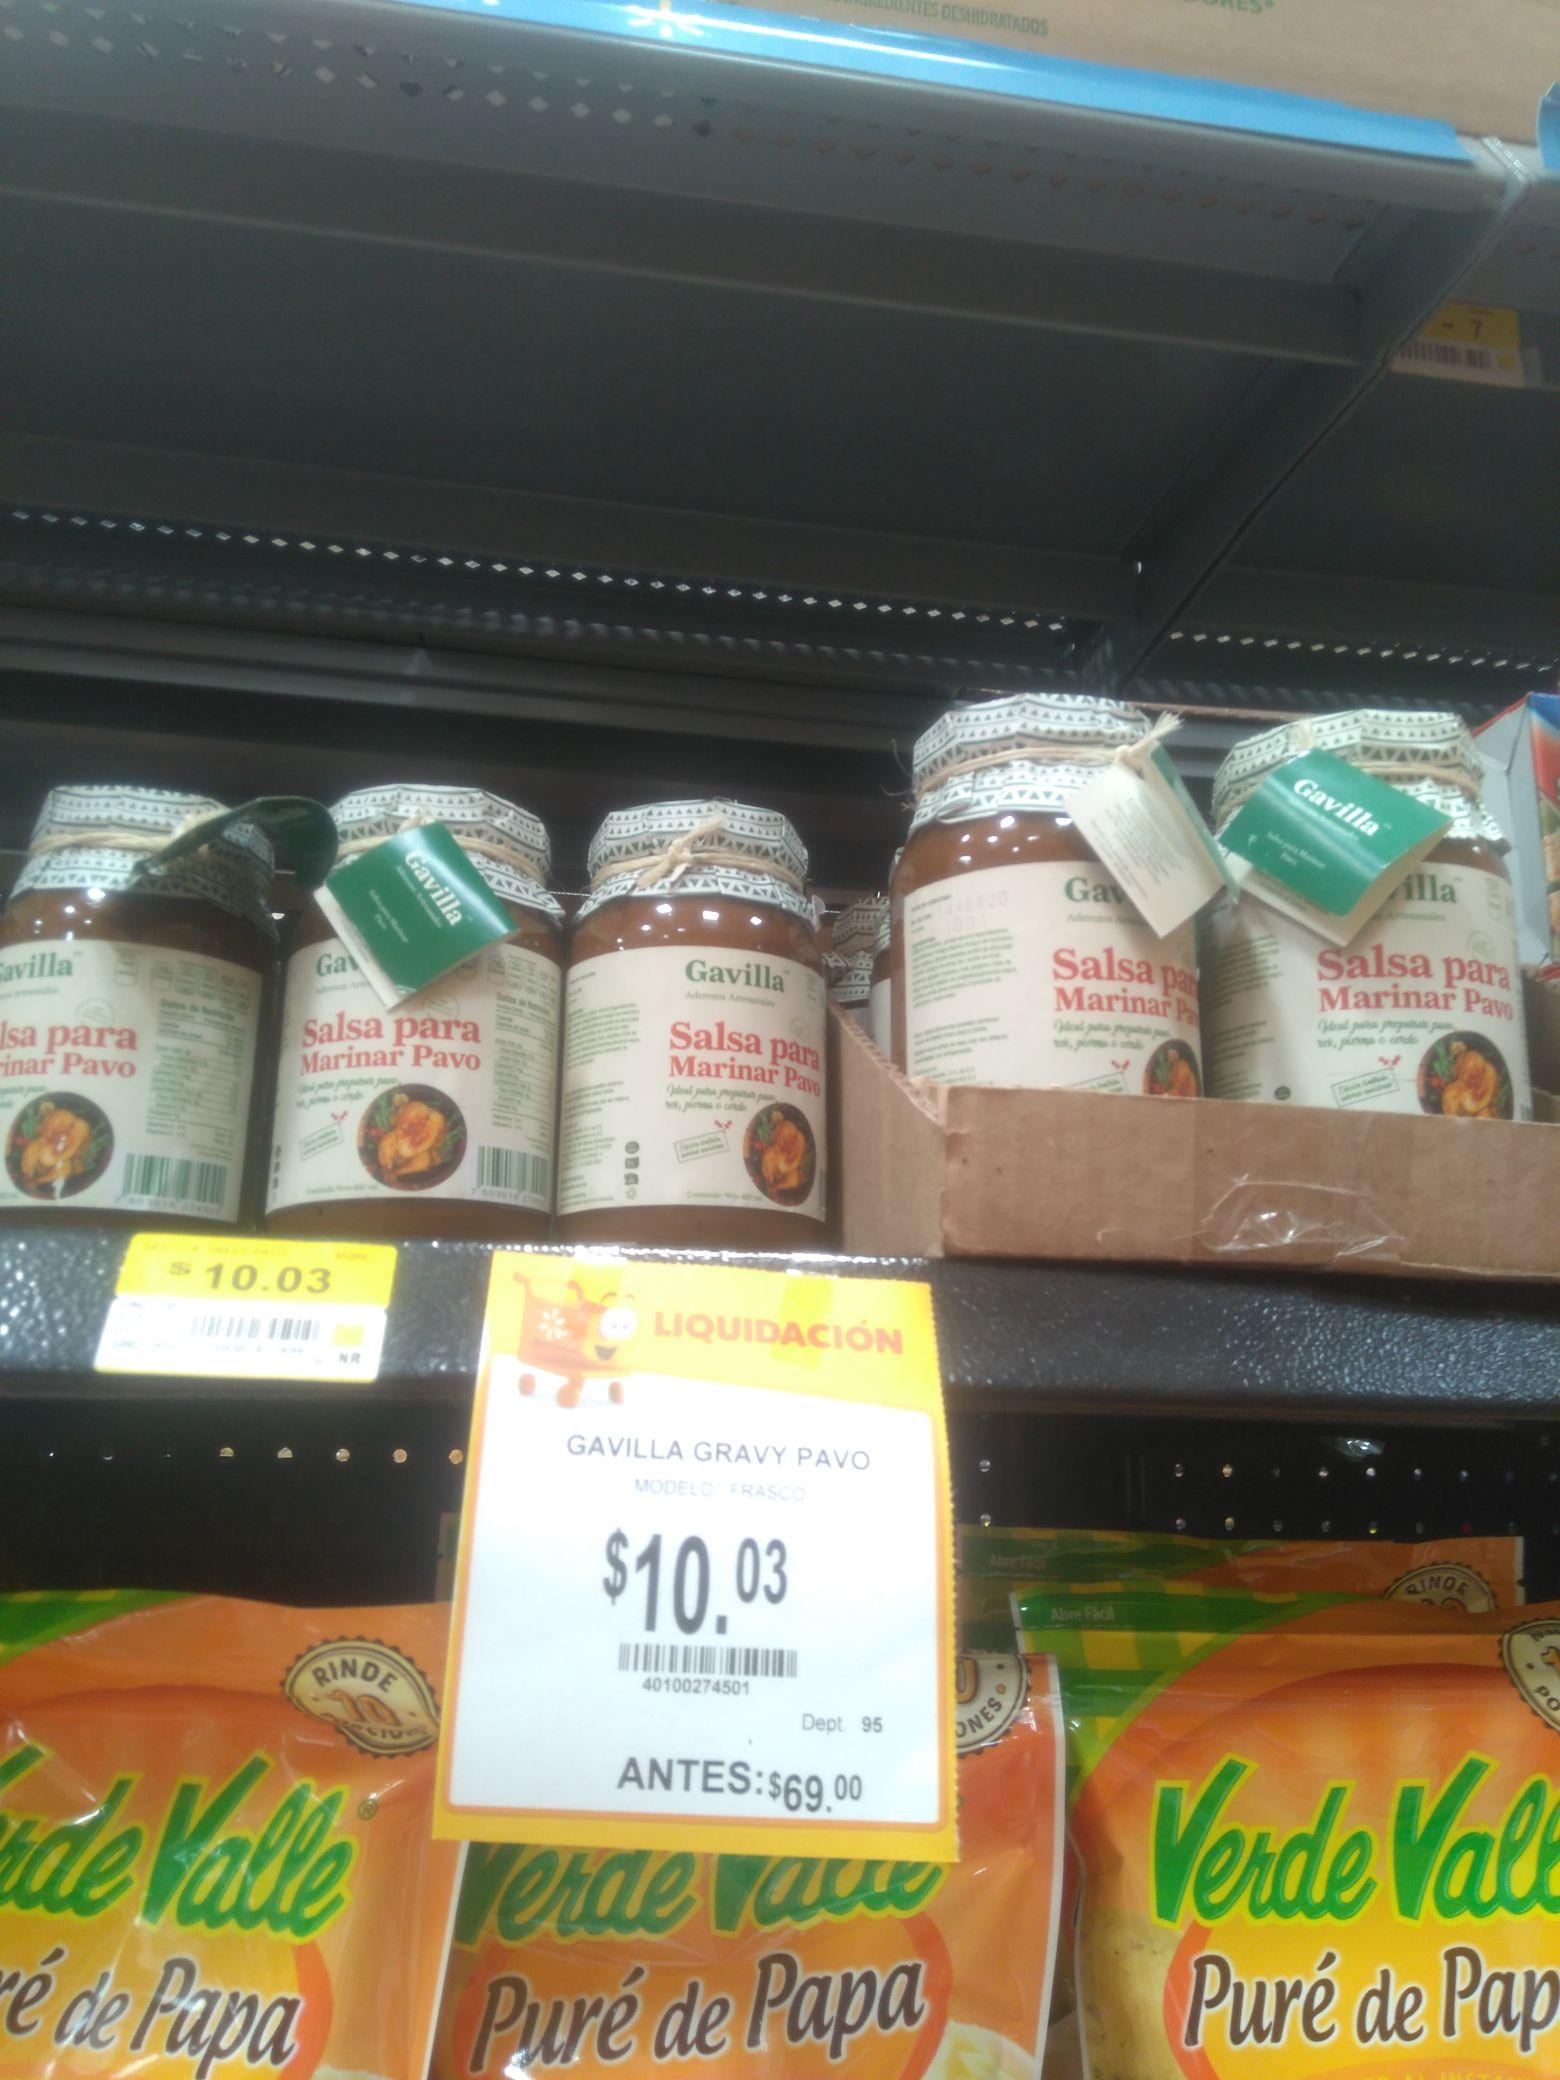 Walmart: Salsa para marinar Gavilla